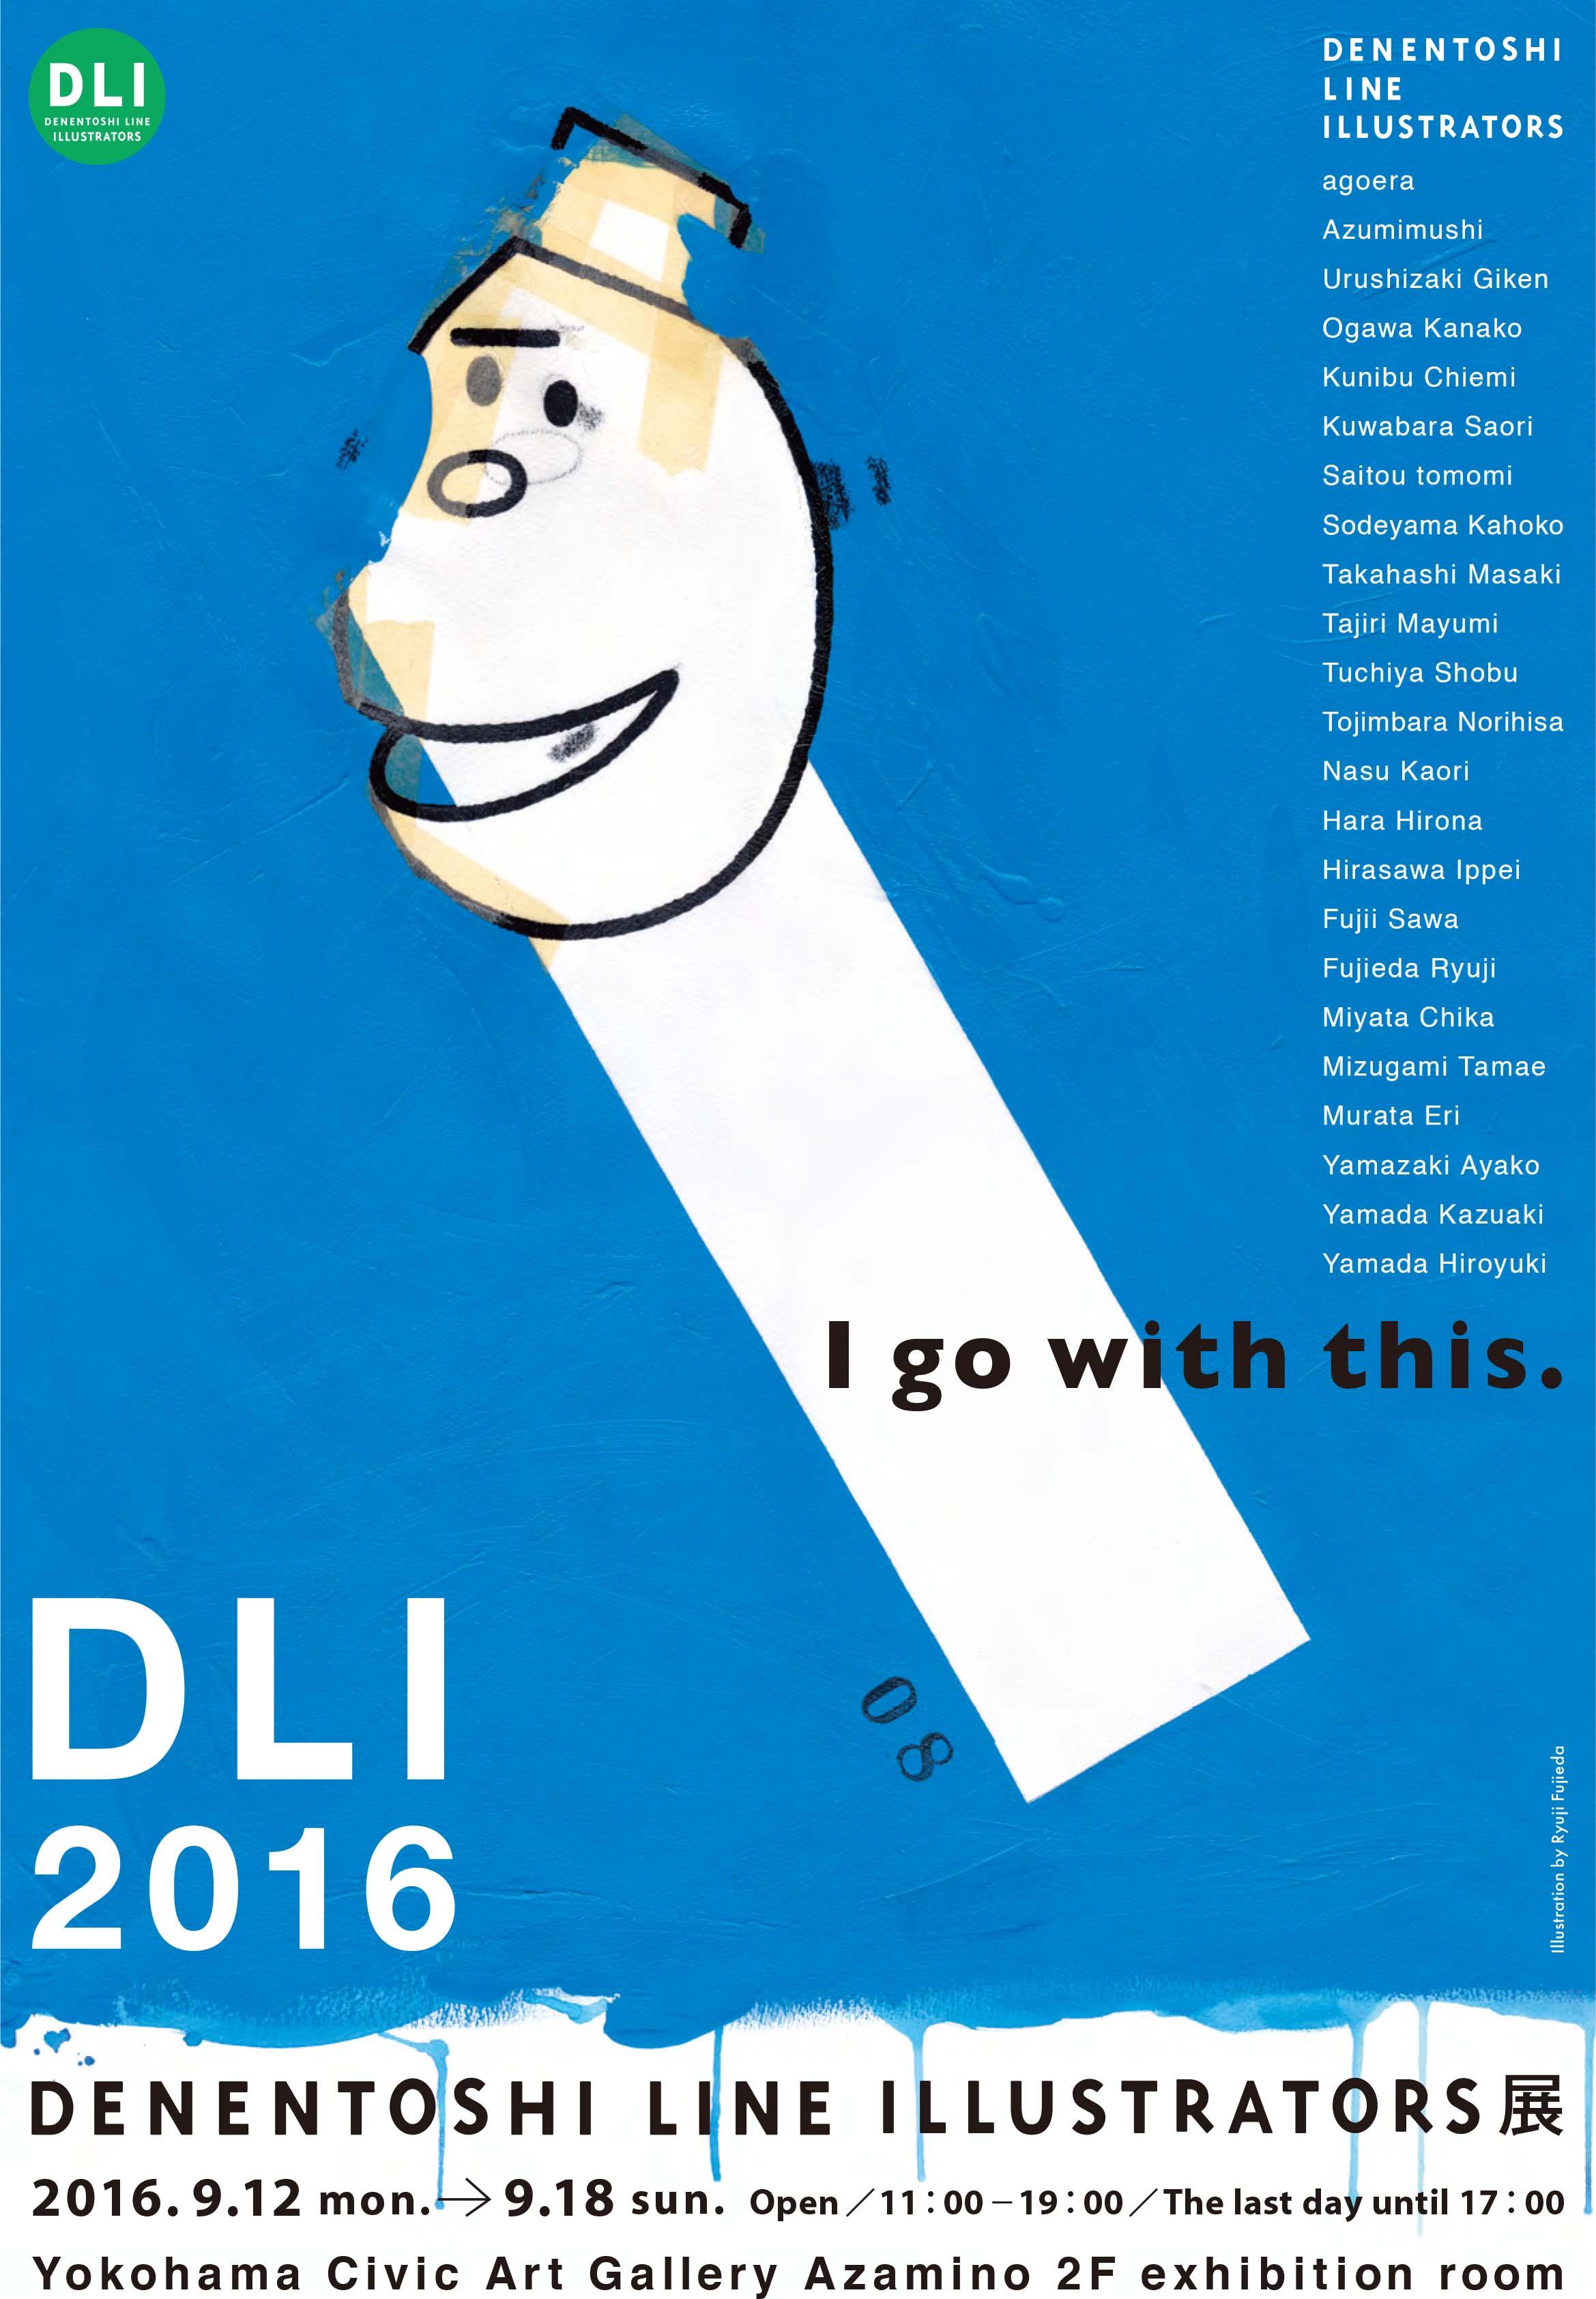 田園都市ライン・イラストレーターズ DLI2016